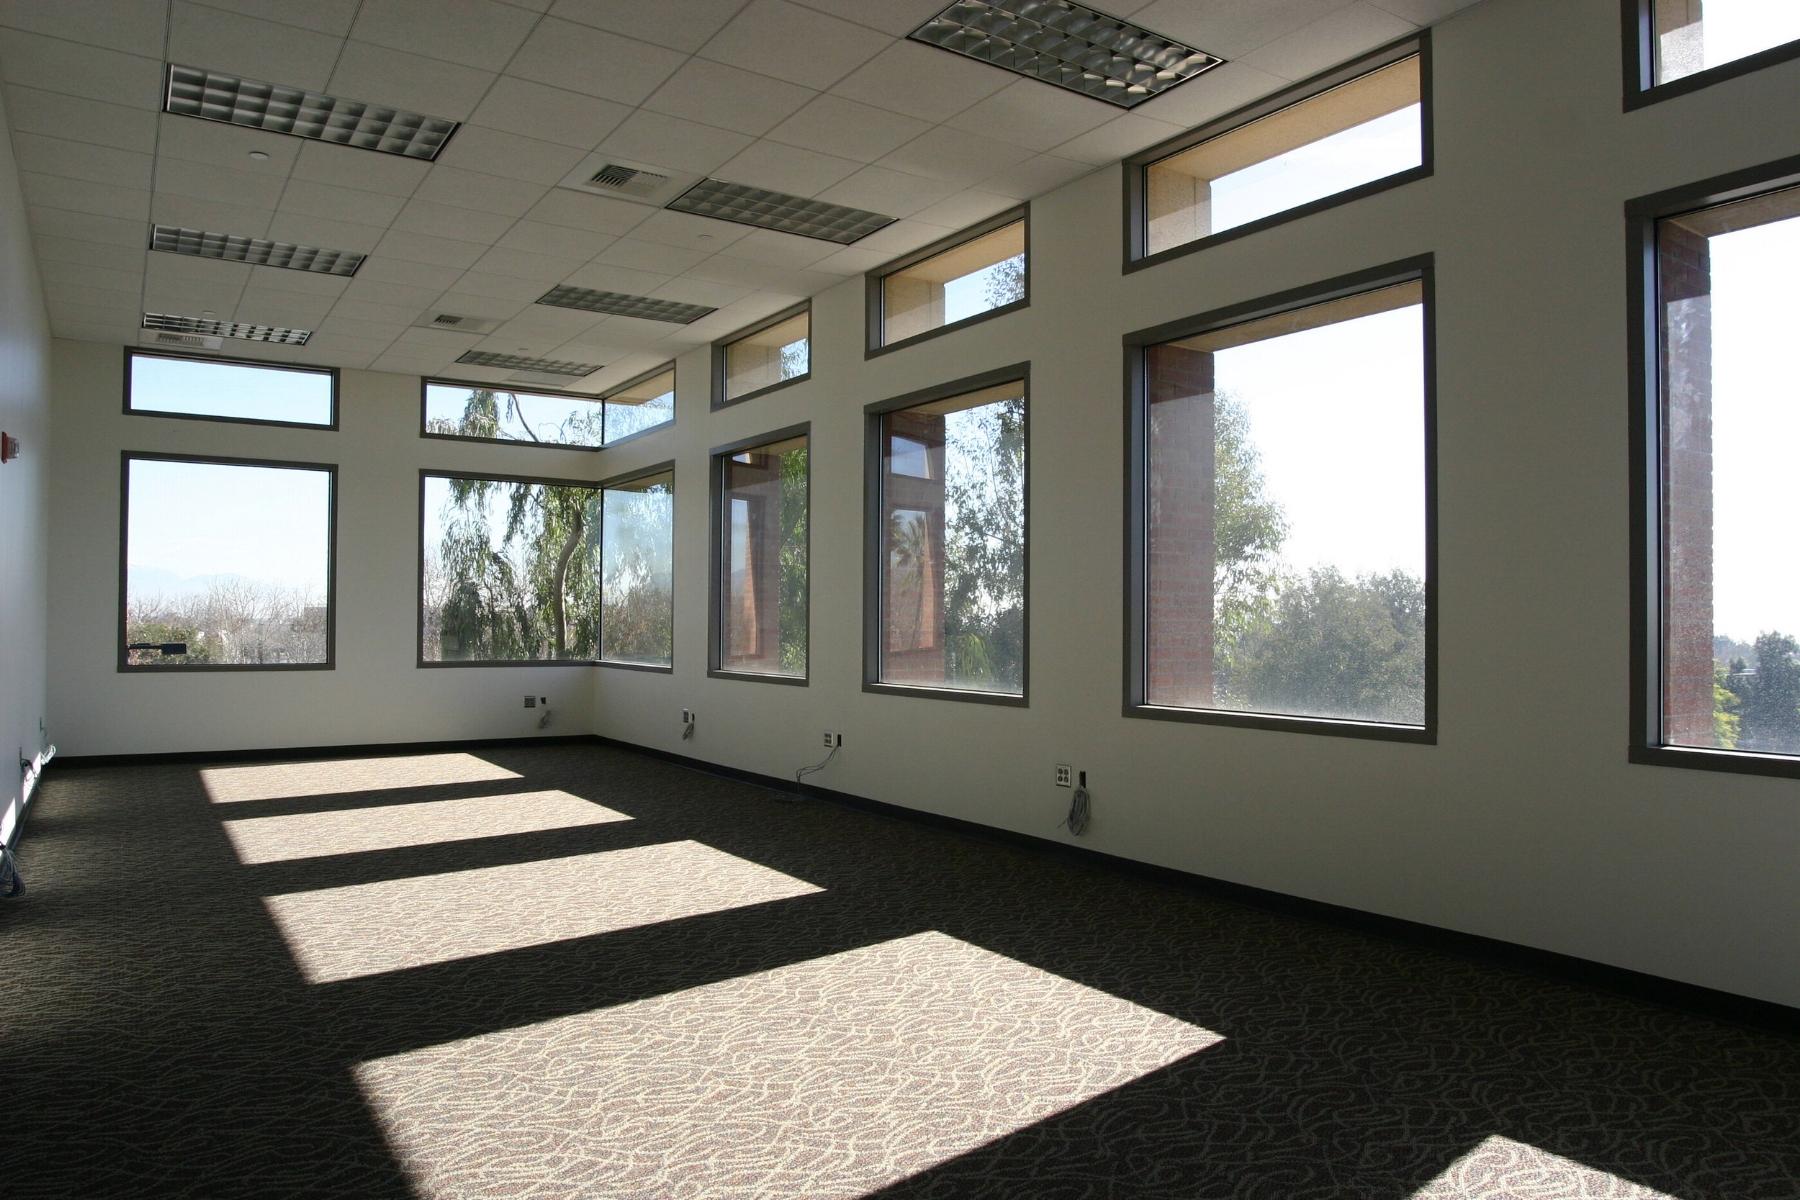 Rancho_Public_Safety_Building_Interior